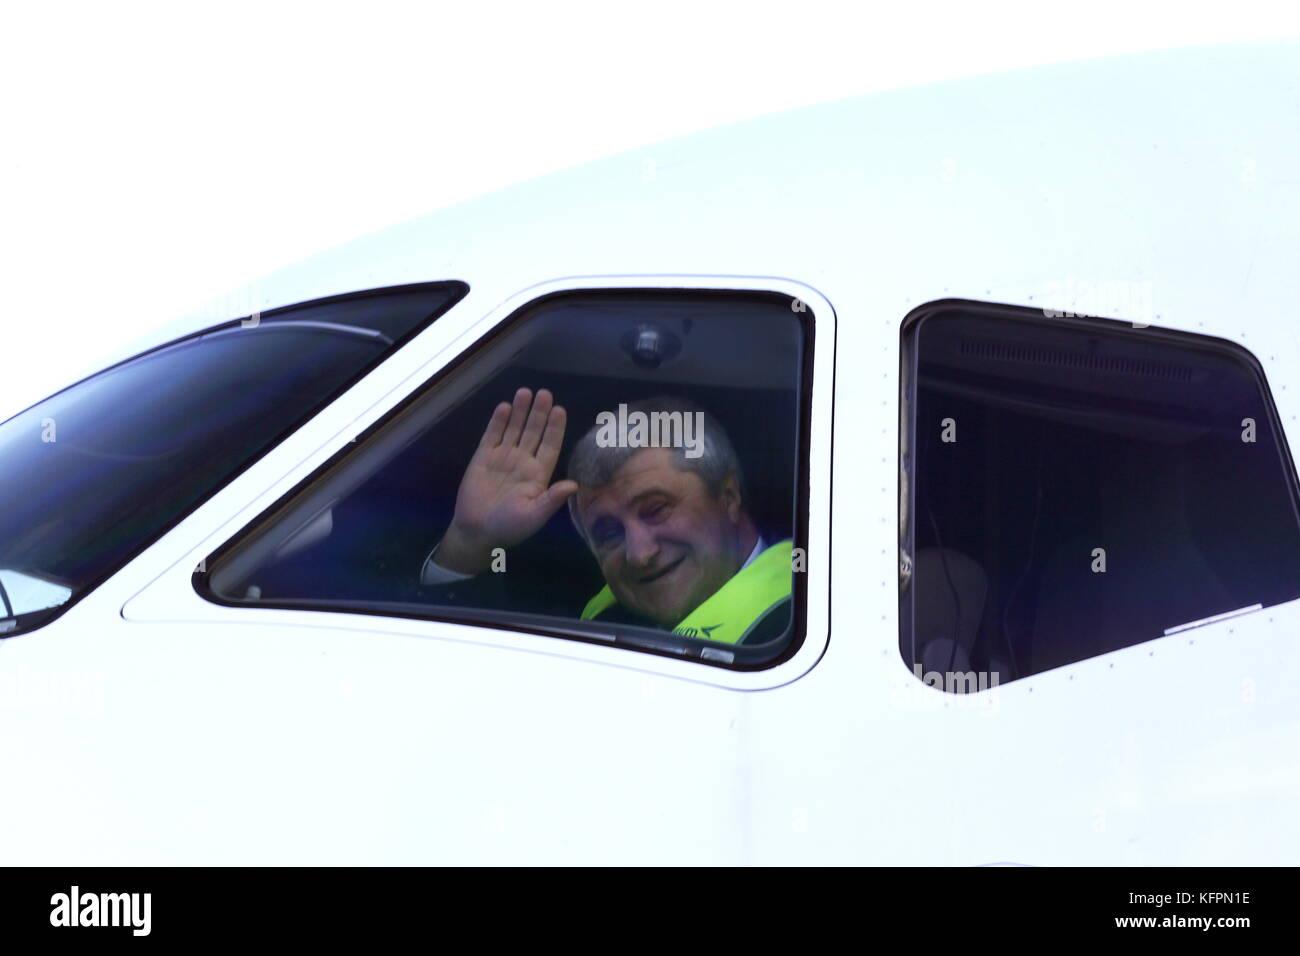 Rostov-on-Don, Rusia - 31 de octubre de 2017 el comandante de la tripulación: Azimut yuri deyev visto en la cabina de un Sukhoi Superjet 100 (ssj-100) un avión de pasajeros, antes de un vuelo en el aeropuerto de la ciudad. El acimut es una aerolínea de pasajeros para el centro y el sur de Rusia; a partir de diciembre de 2017, es para atender nuevos platov aeropuerto cerca de Rostov-on-Don. valery matytsin/TASS Foto de stock